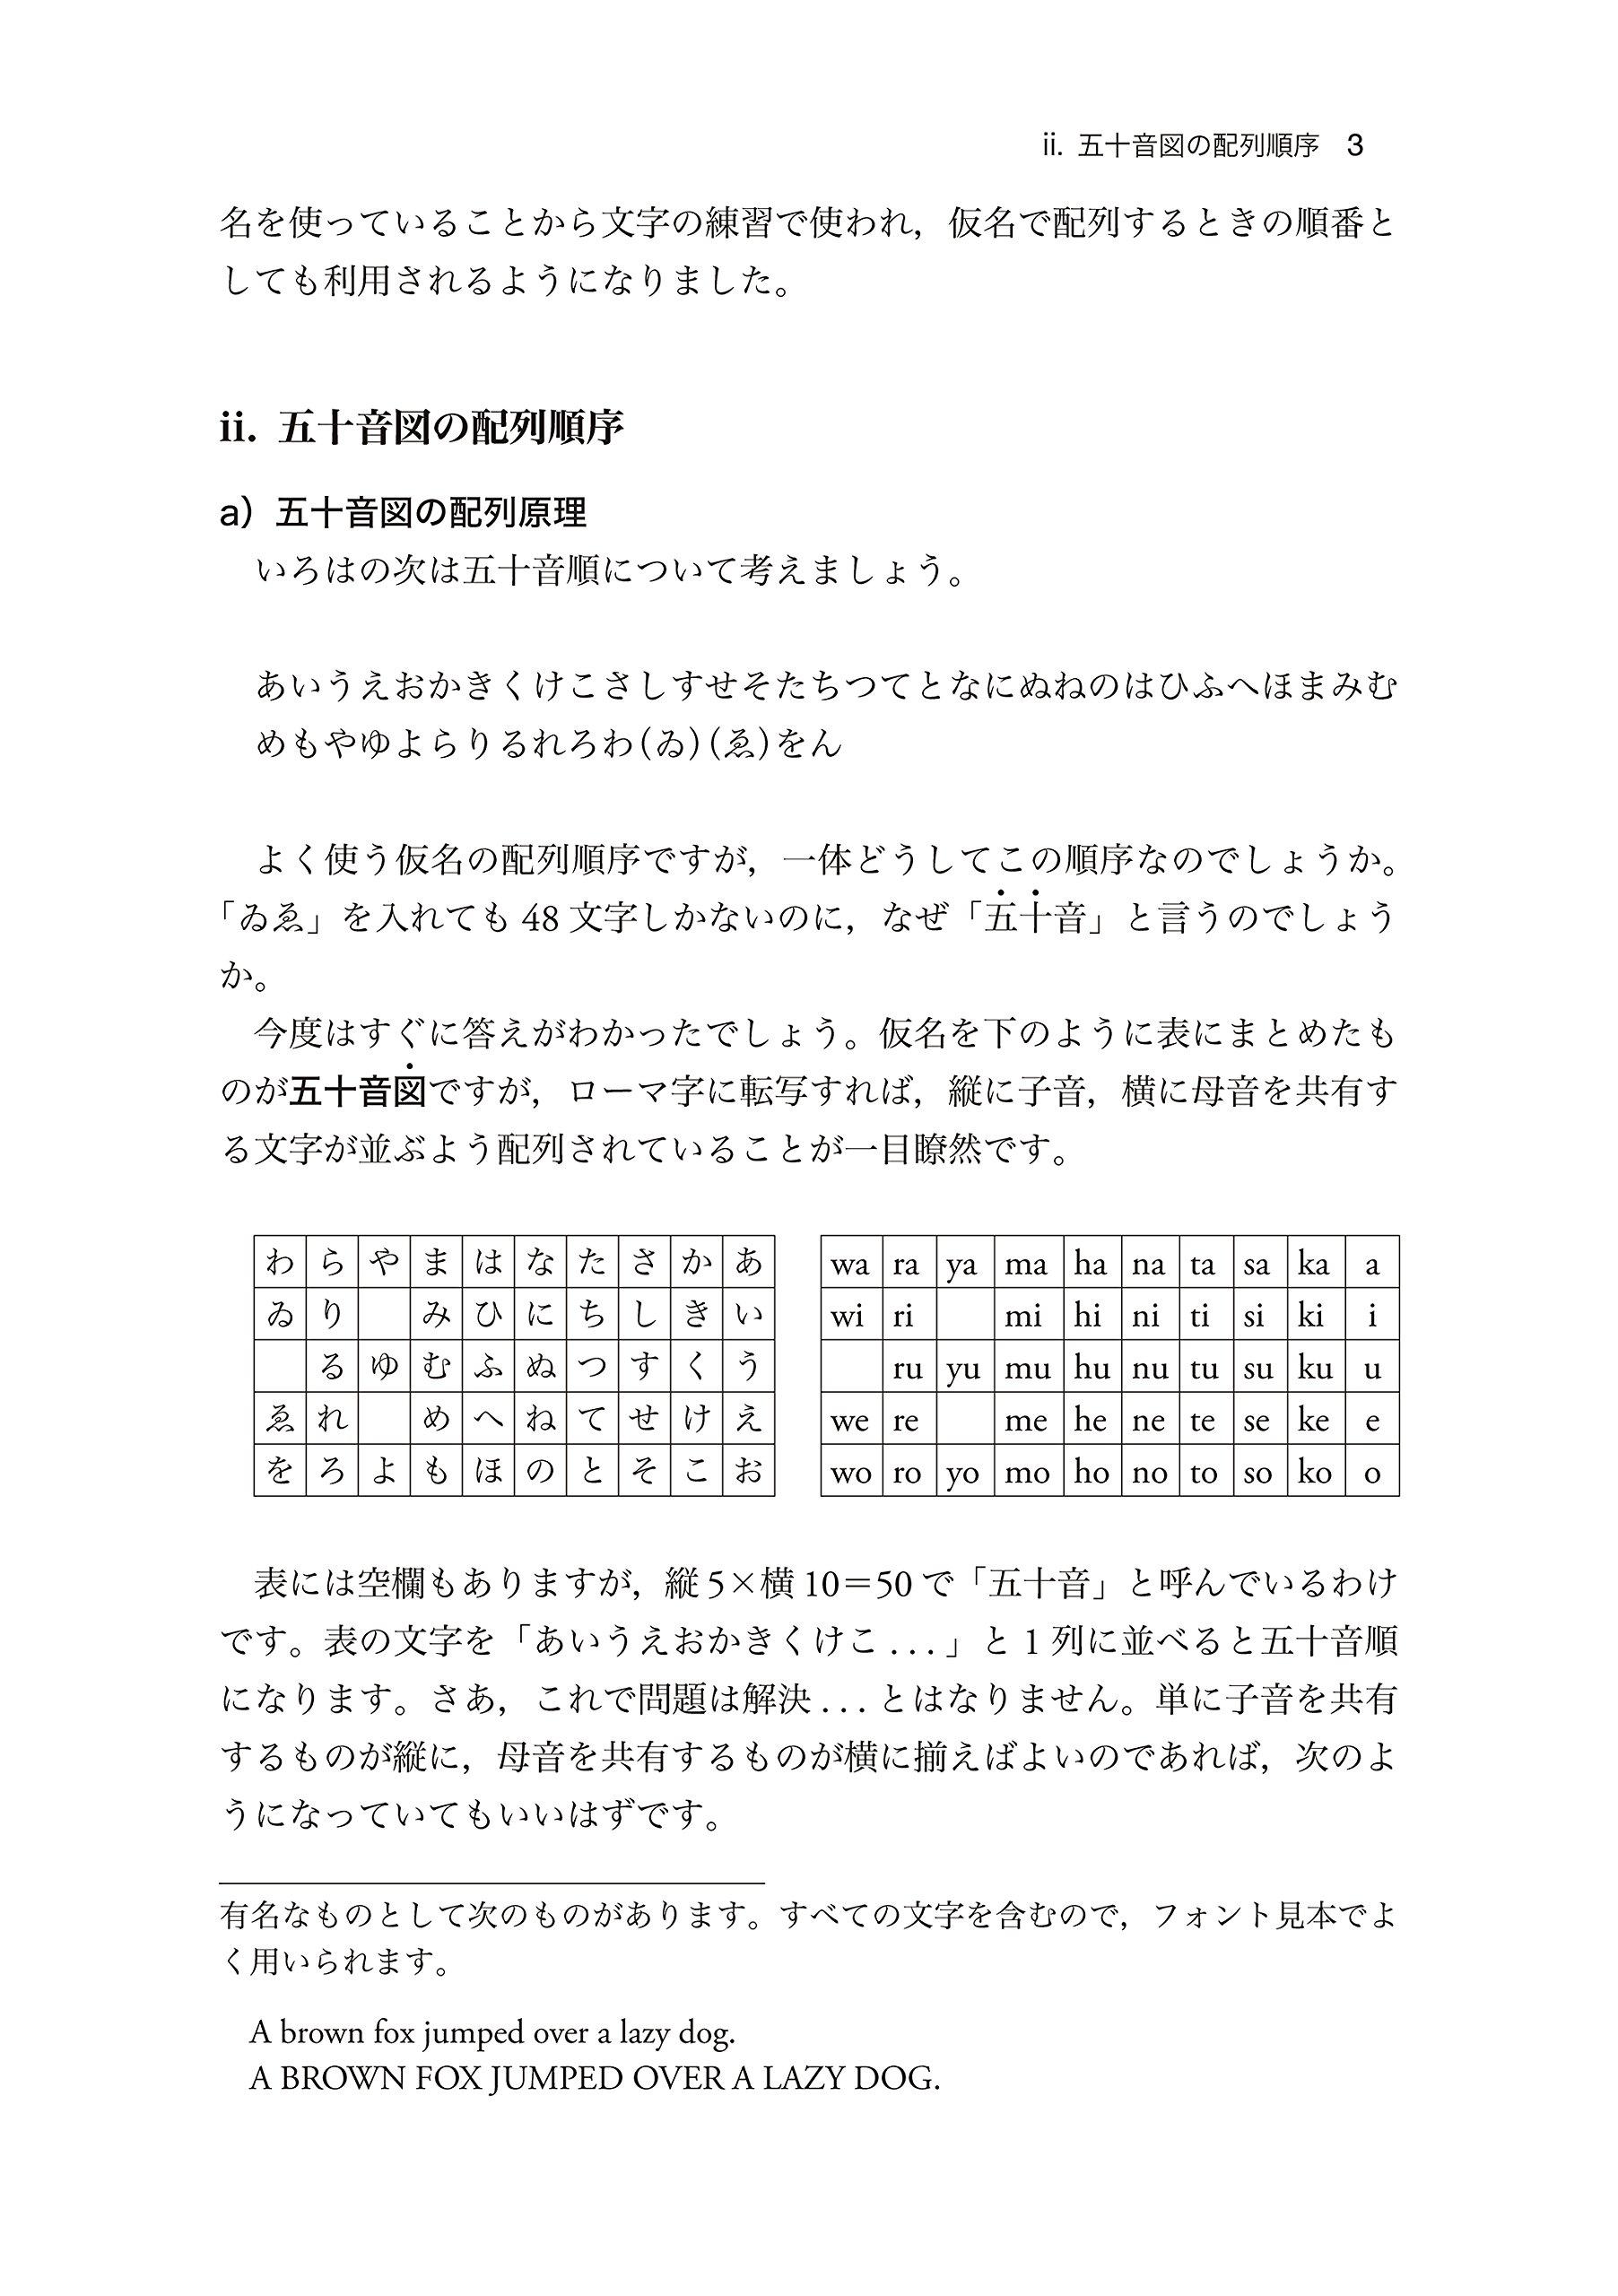 Eigo No Moji Tsuzuri Hatsuon No Shikumi 2014 10 Editor Toì